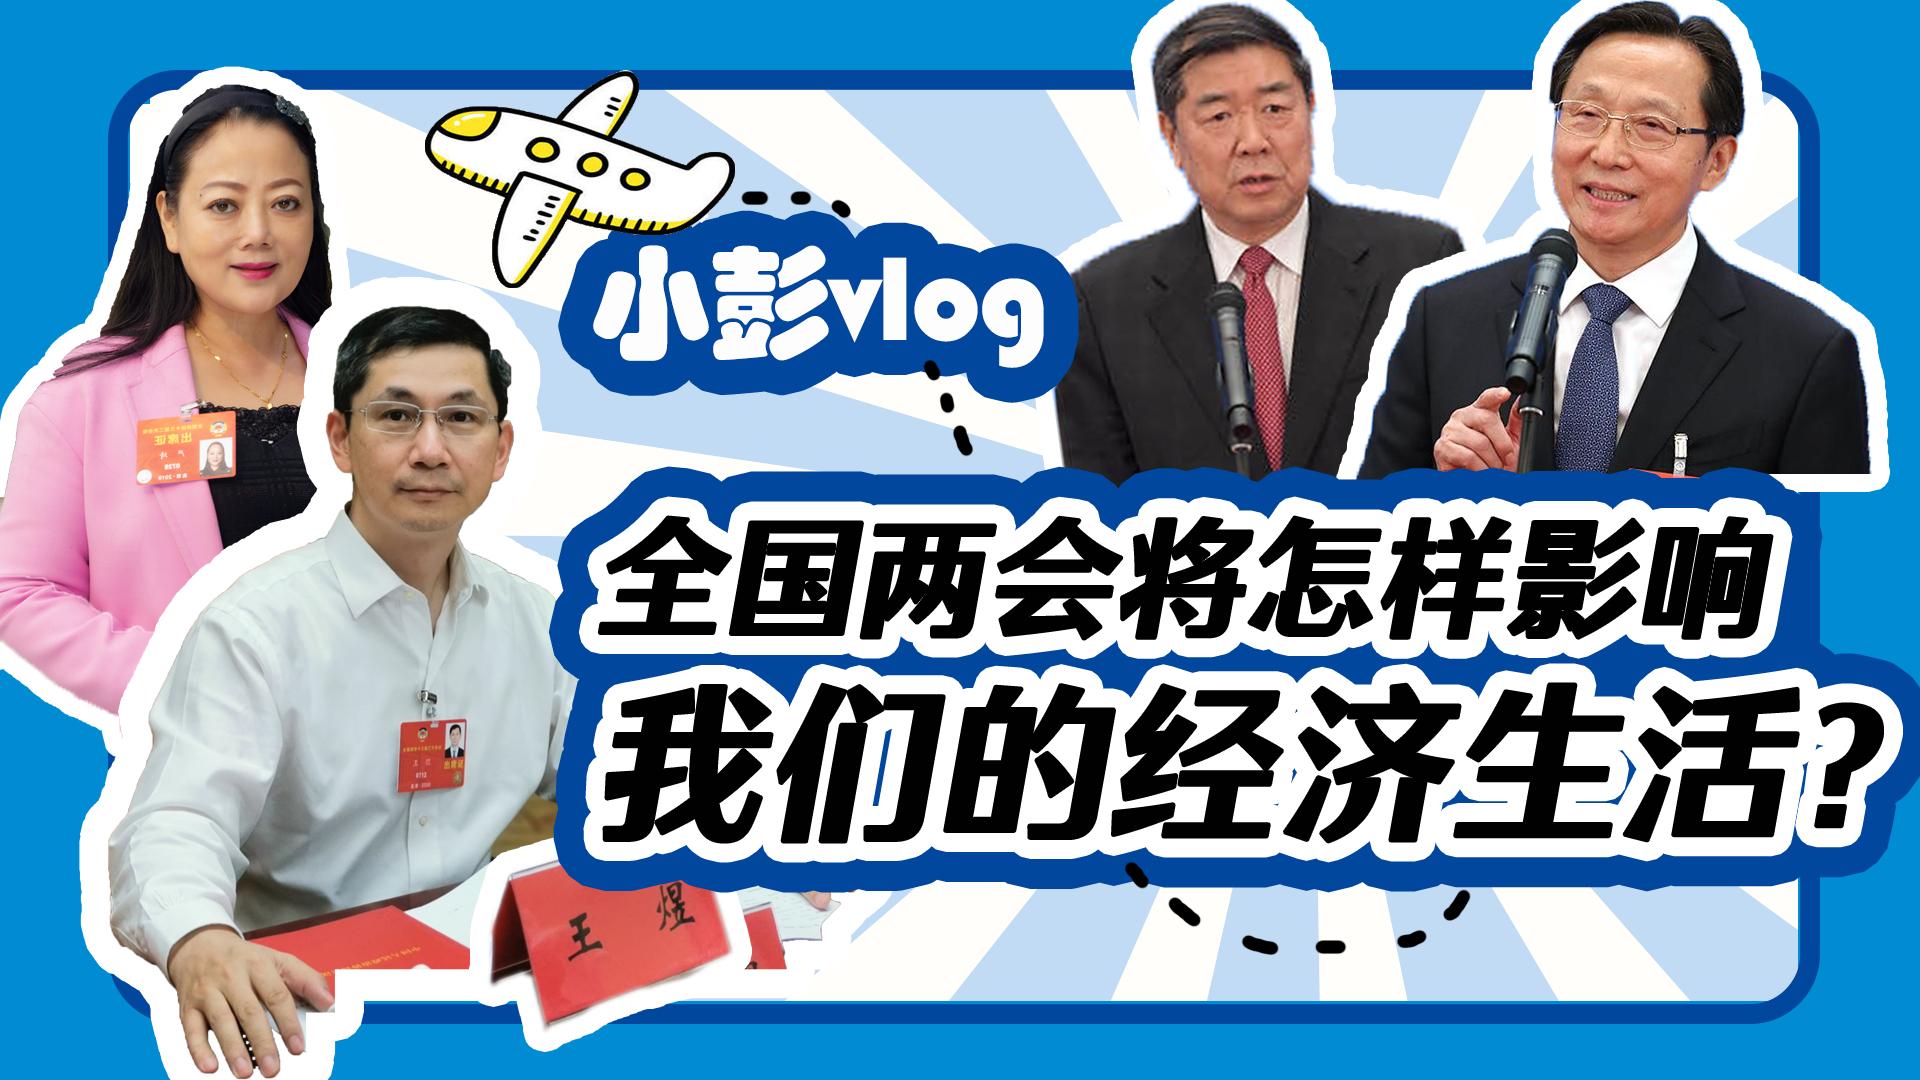 小彭vlog   政协委员民航公司董事长:国内航线已恢复95%,高管已两月零薪酬